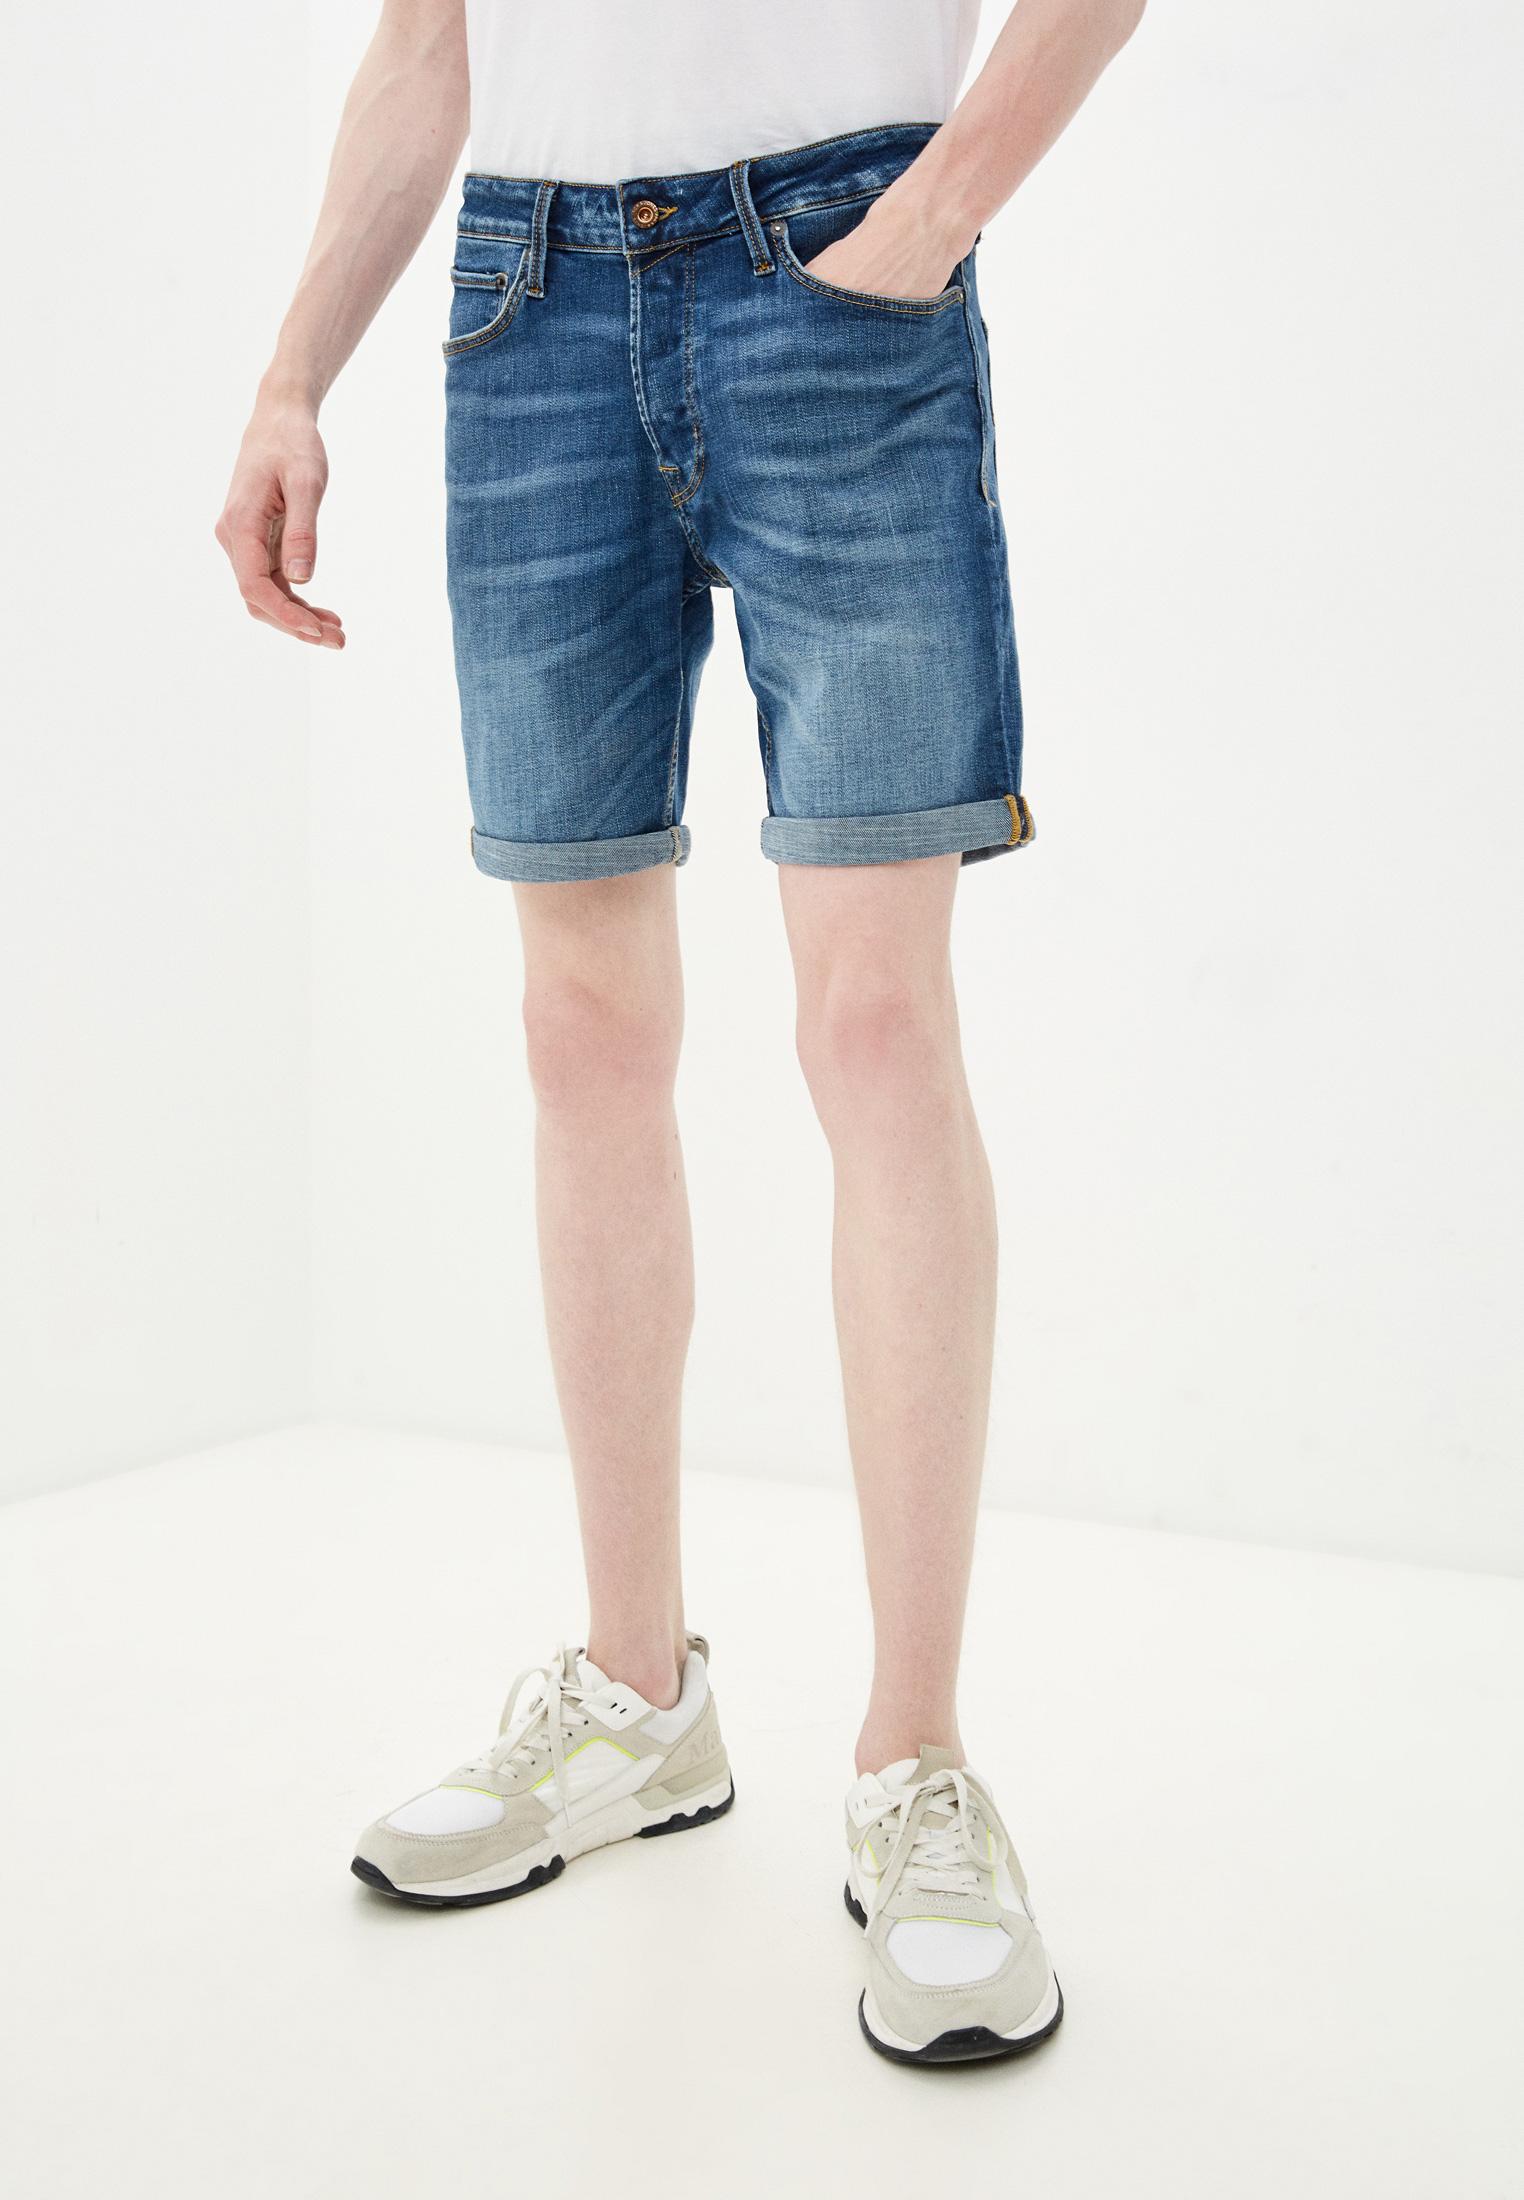 Мужские джинсовые шорты Jack & Jones (Джек Энд Джонс) Шорты джинсовые Jack & Jones